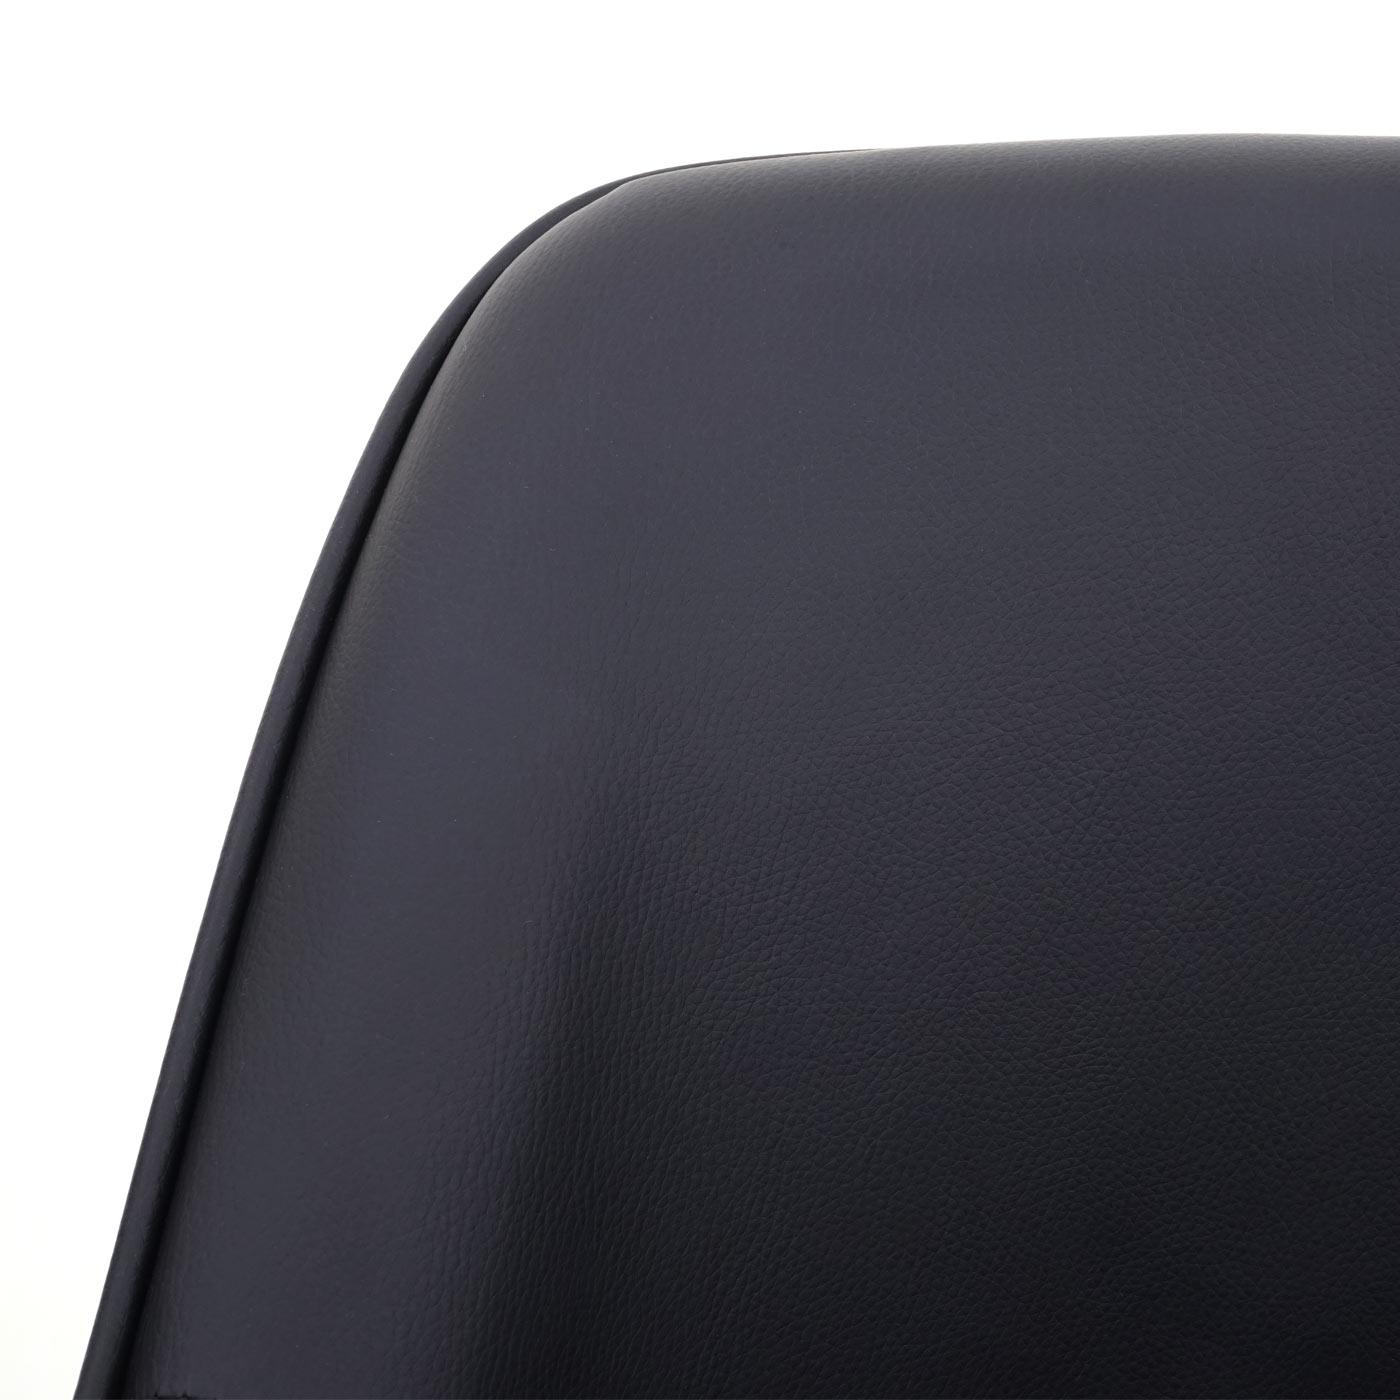 Esszimmerstuhl HWC-F82 Detailansicht Rückenlehne